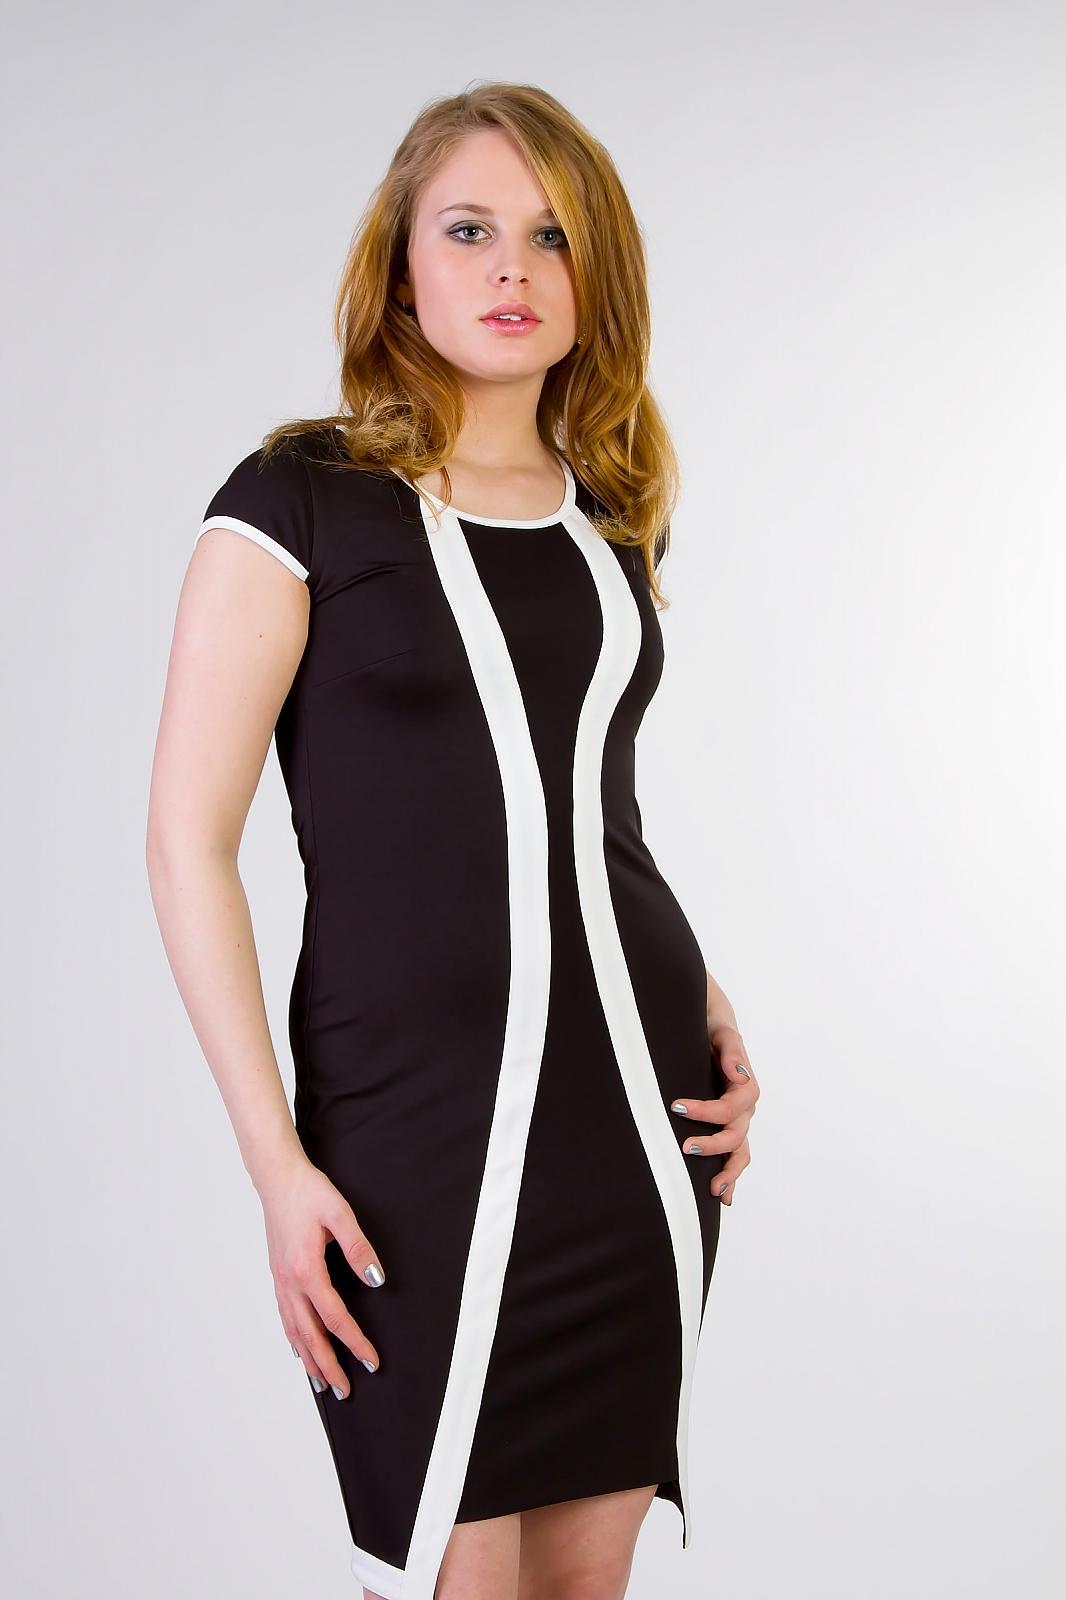 Zařízené - V sobotu konečně koupeny šaty pro maminku-na fotce je modelka.Mimince sluší víc :)